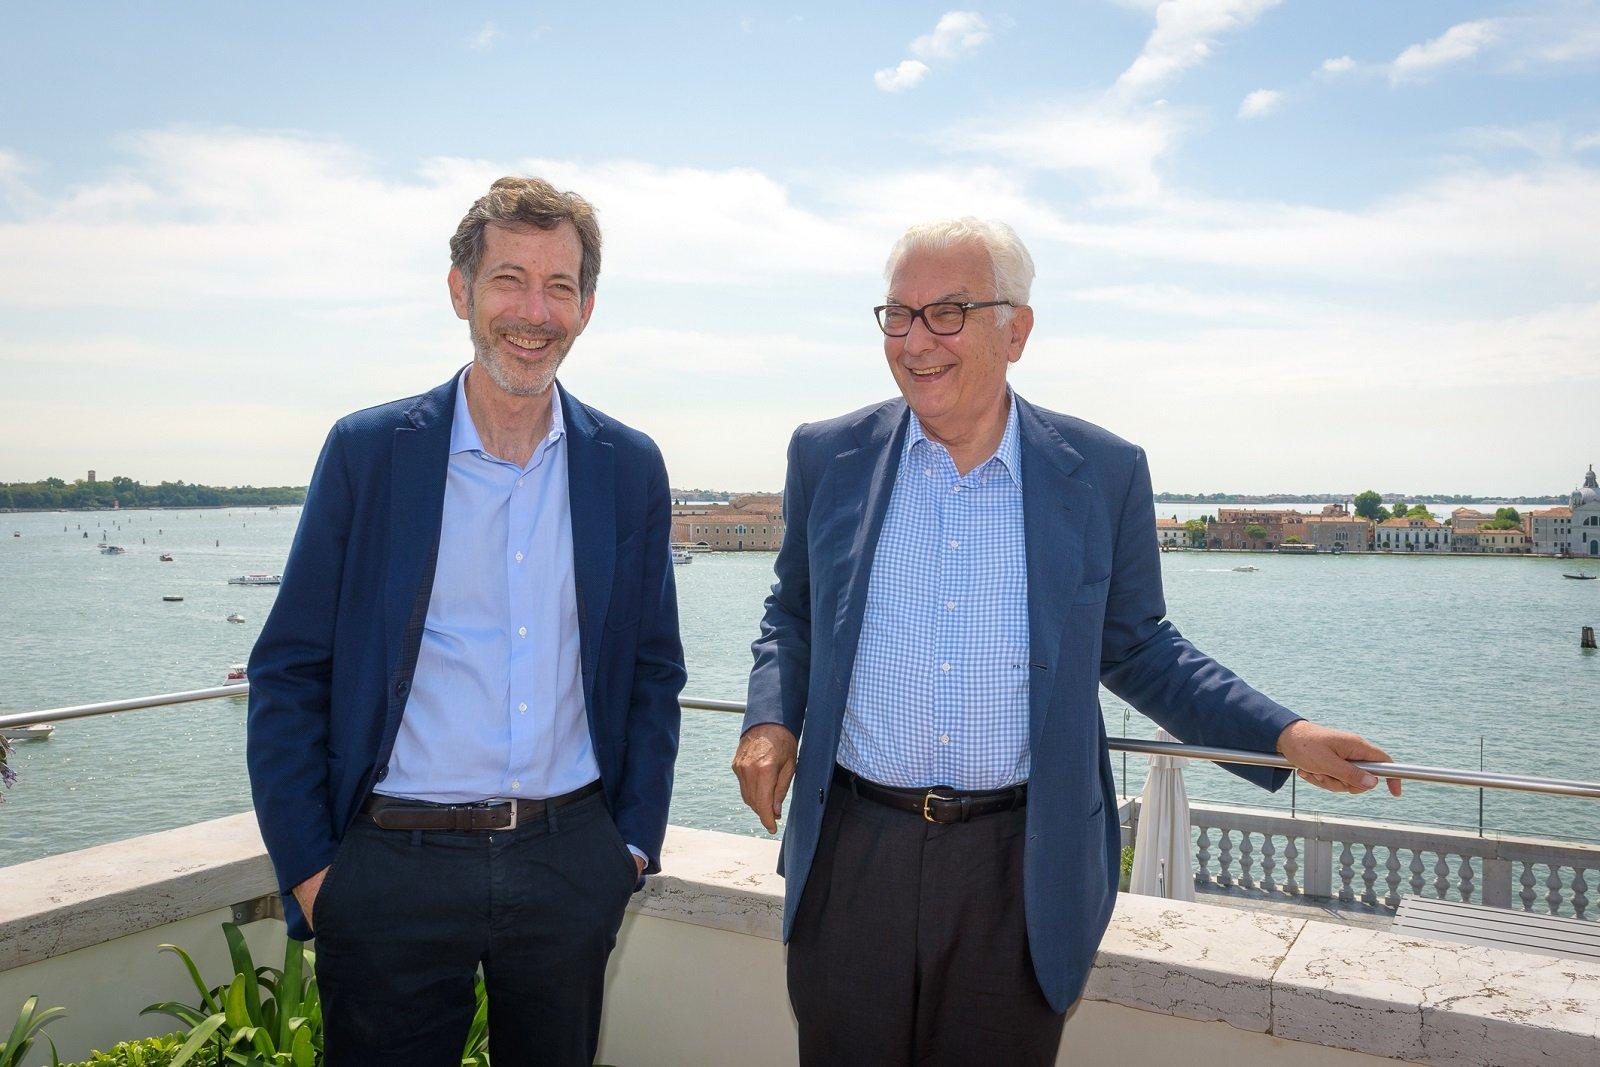 Ralph Rugoff e Paolo Baratta. Photo by Andrea Avezzù. Courtesy La Biennale di Venezia